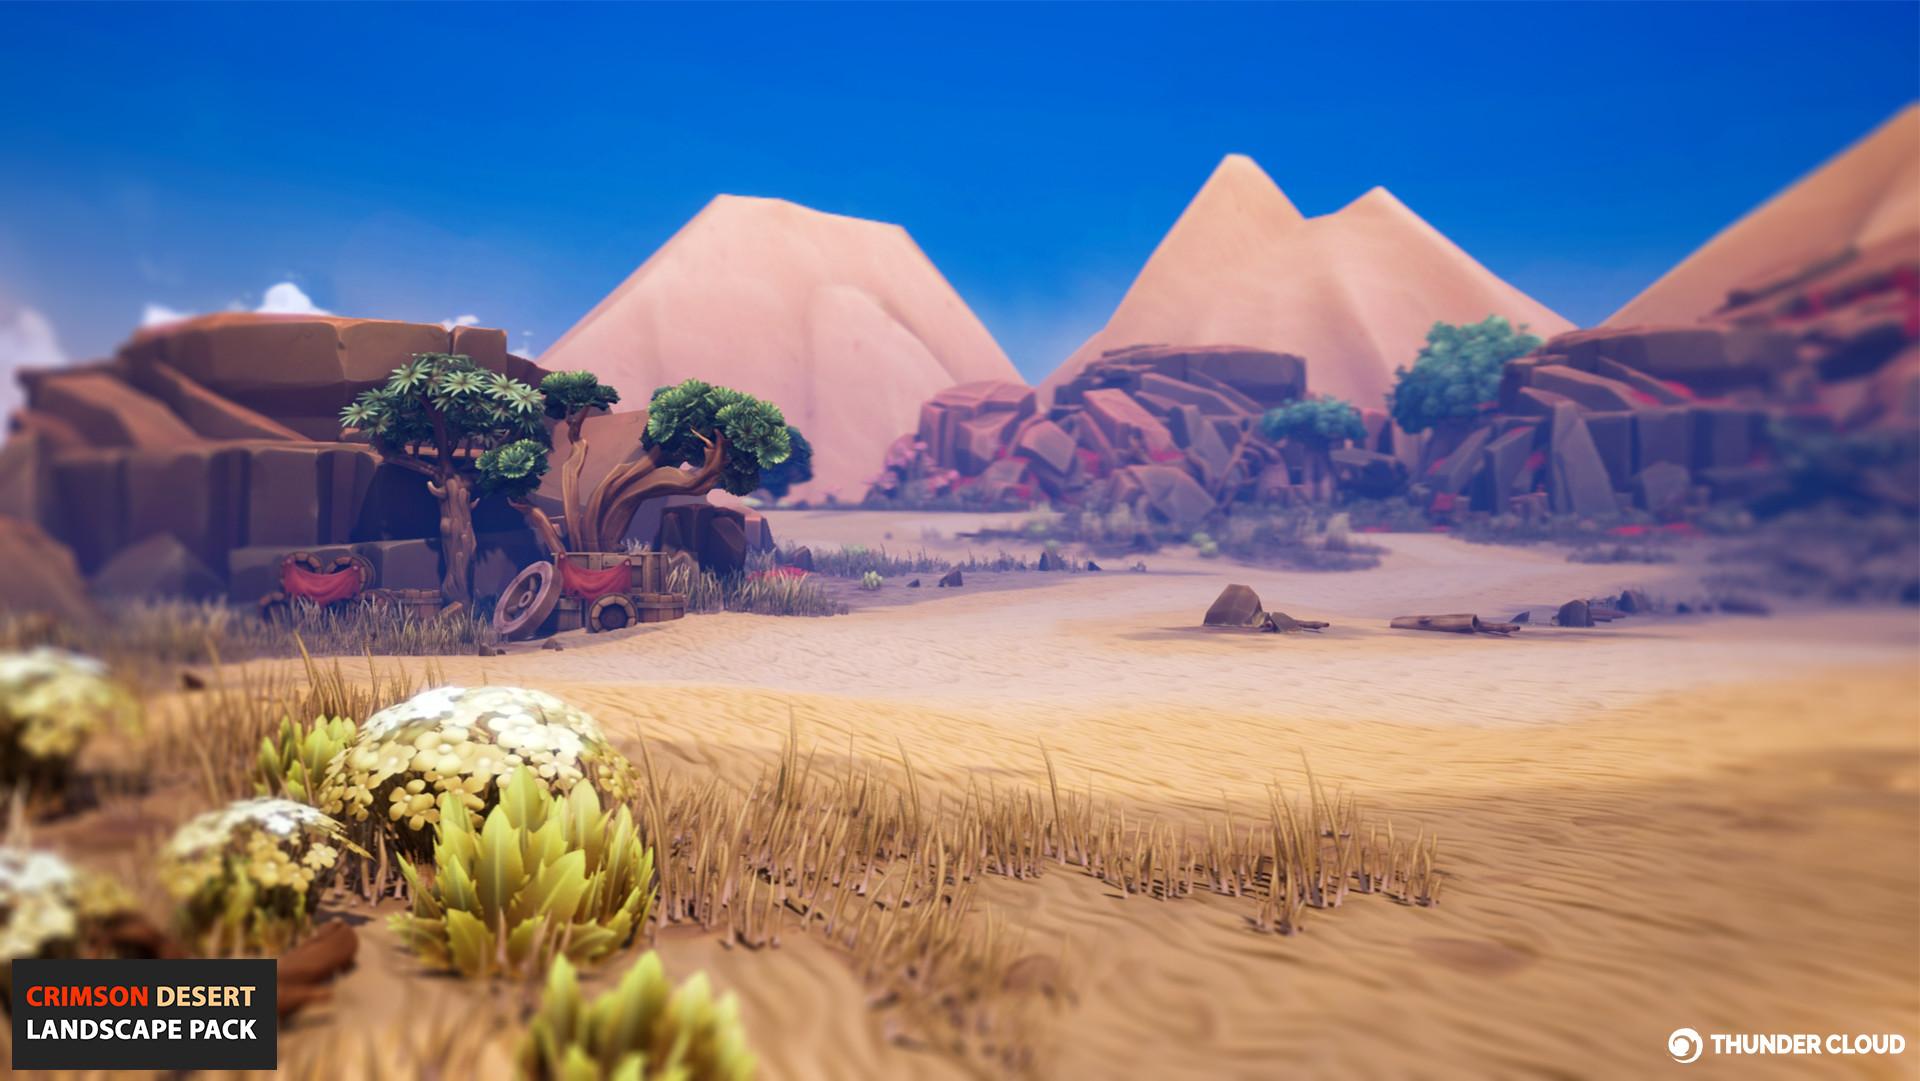 Thunder Cloud Studio - CRIMSON DESERT - UE4 landscape